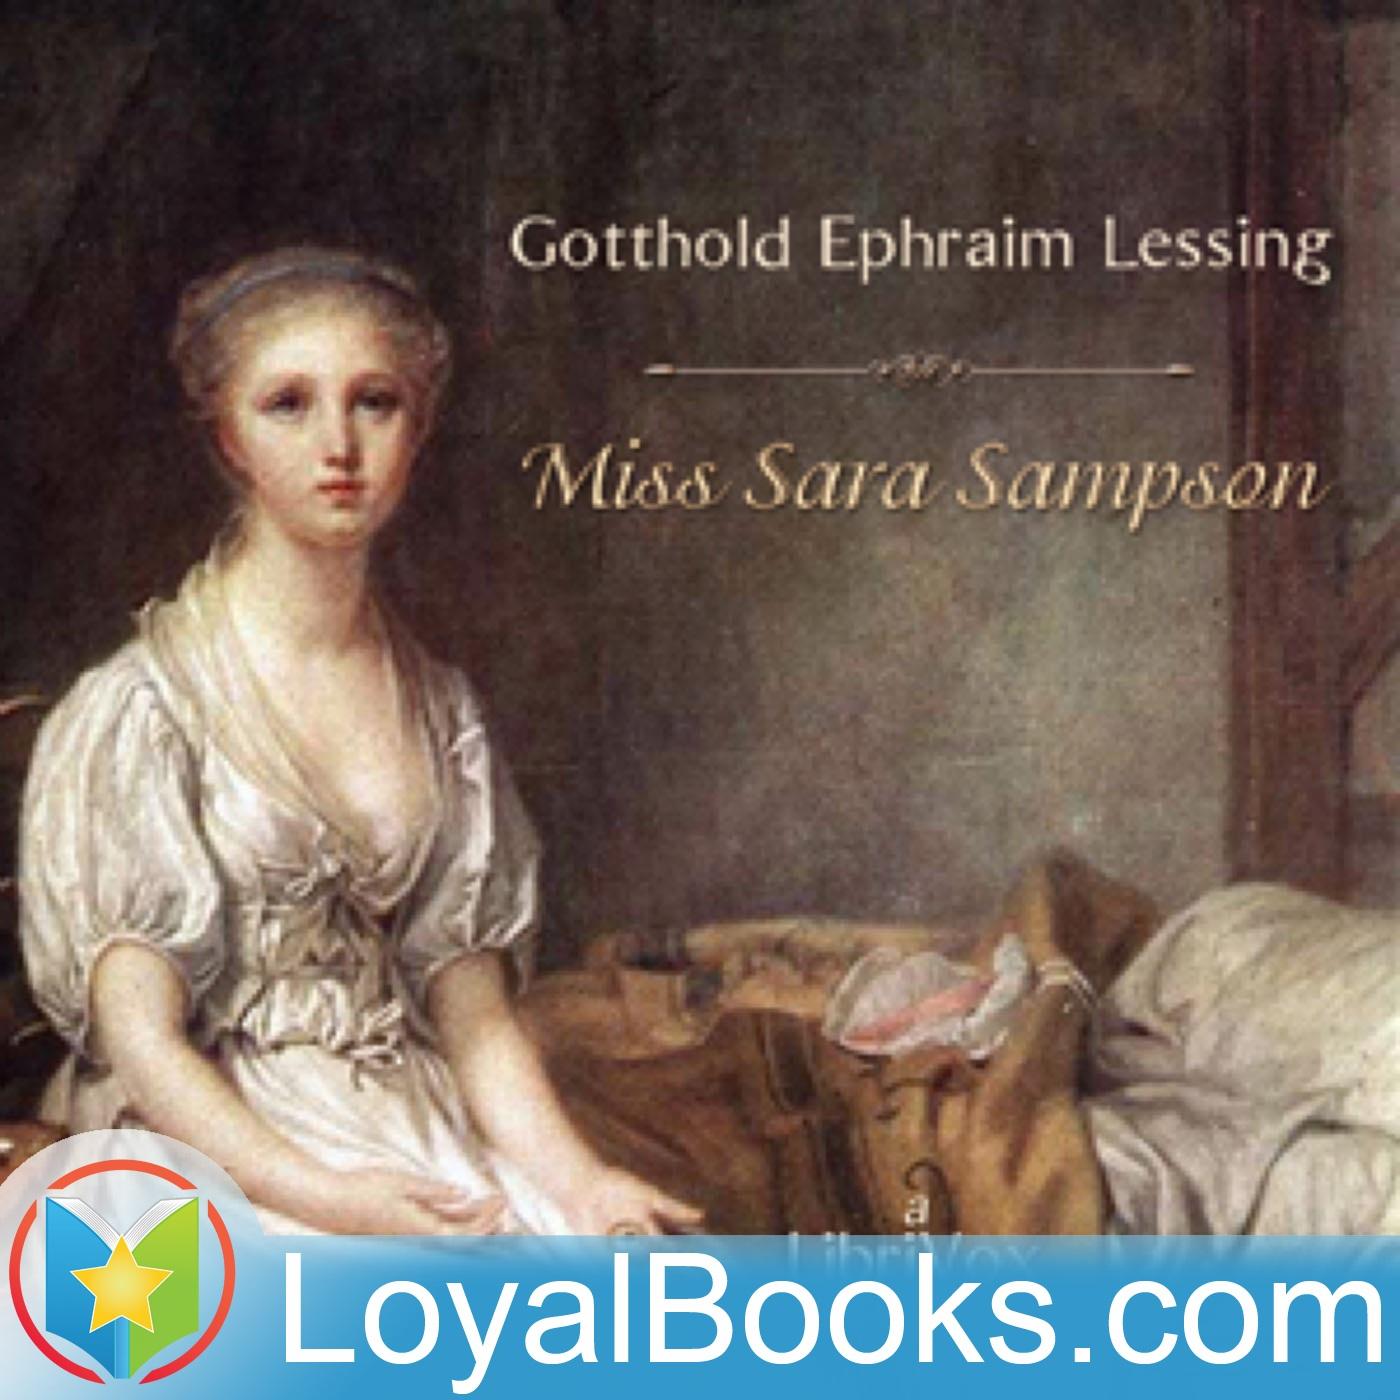 Miss Sara Sampson By Gotthold Ephraim Lessing Free At Loyal Books